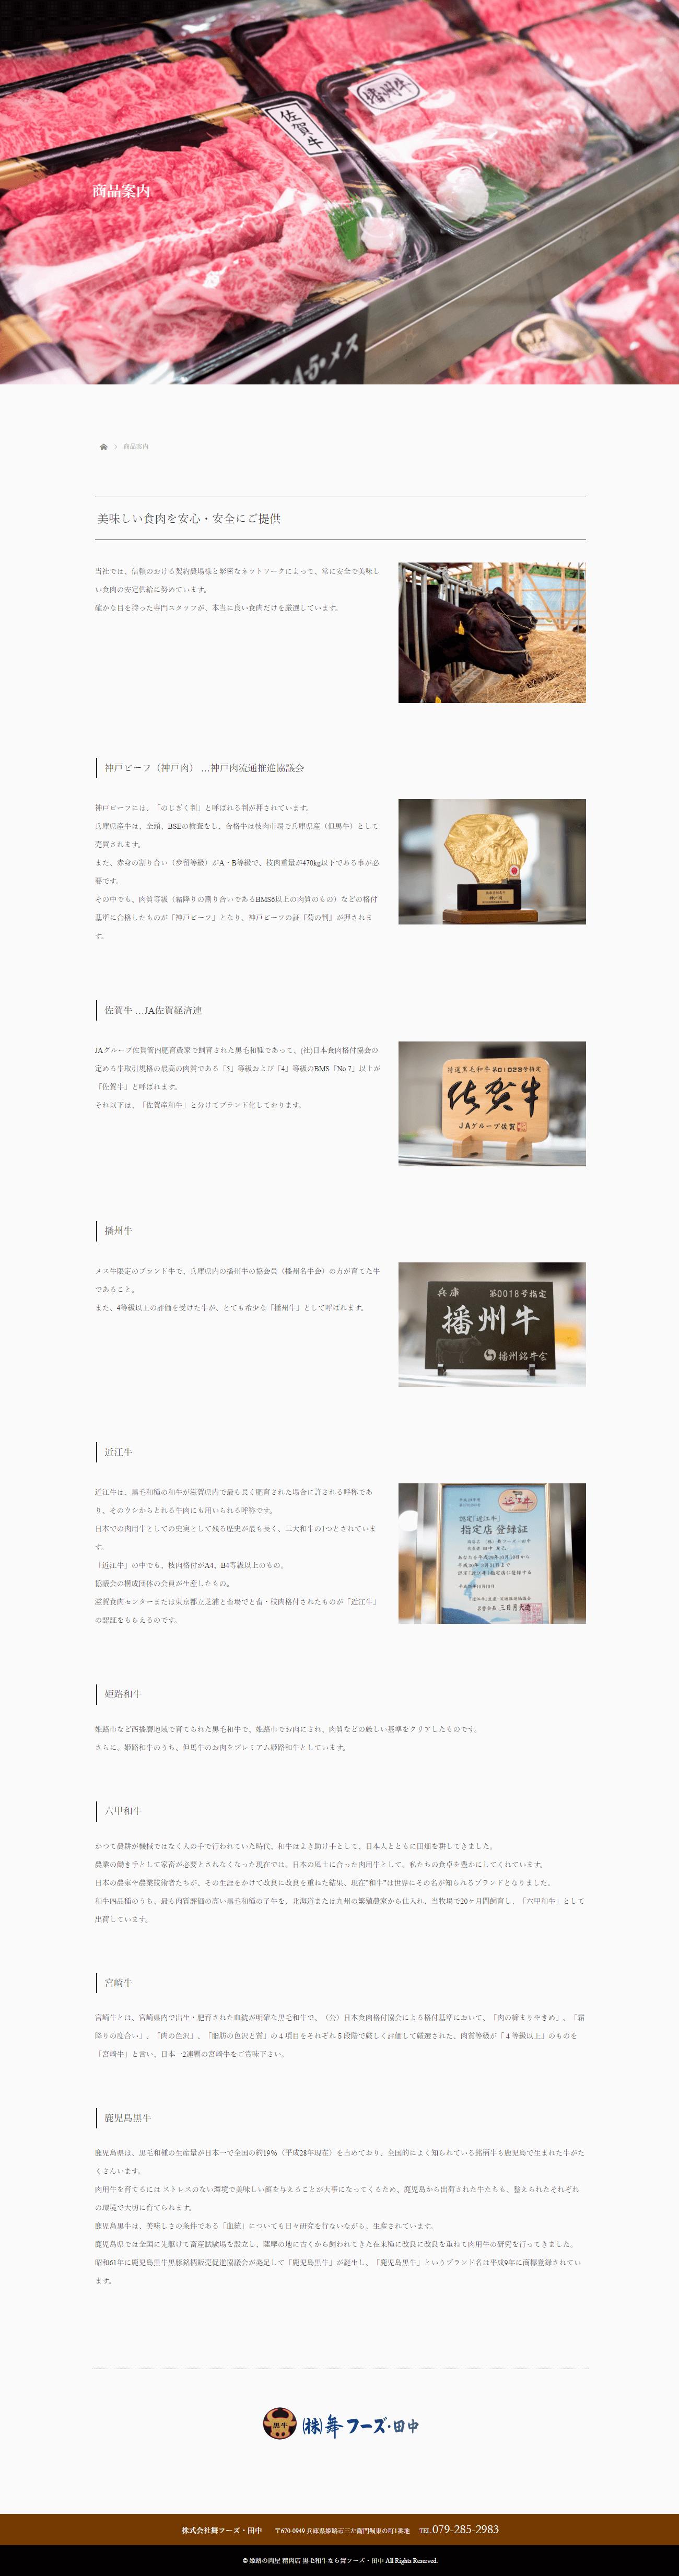 姫路市 株式会社舞フーズ・田中 ホームページ制作2